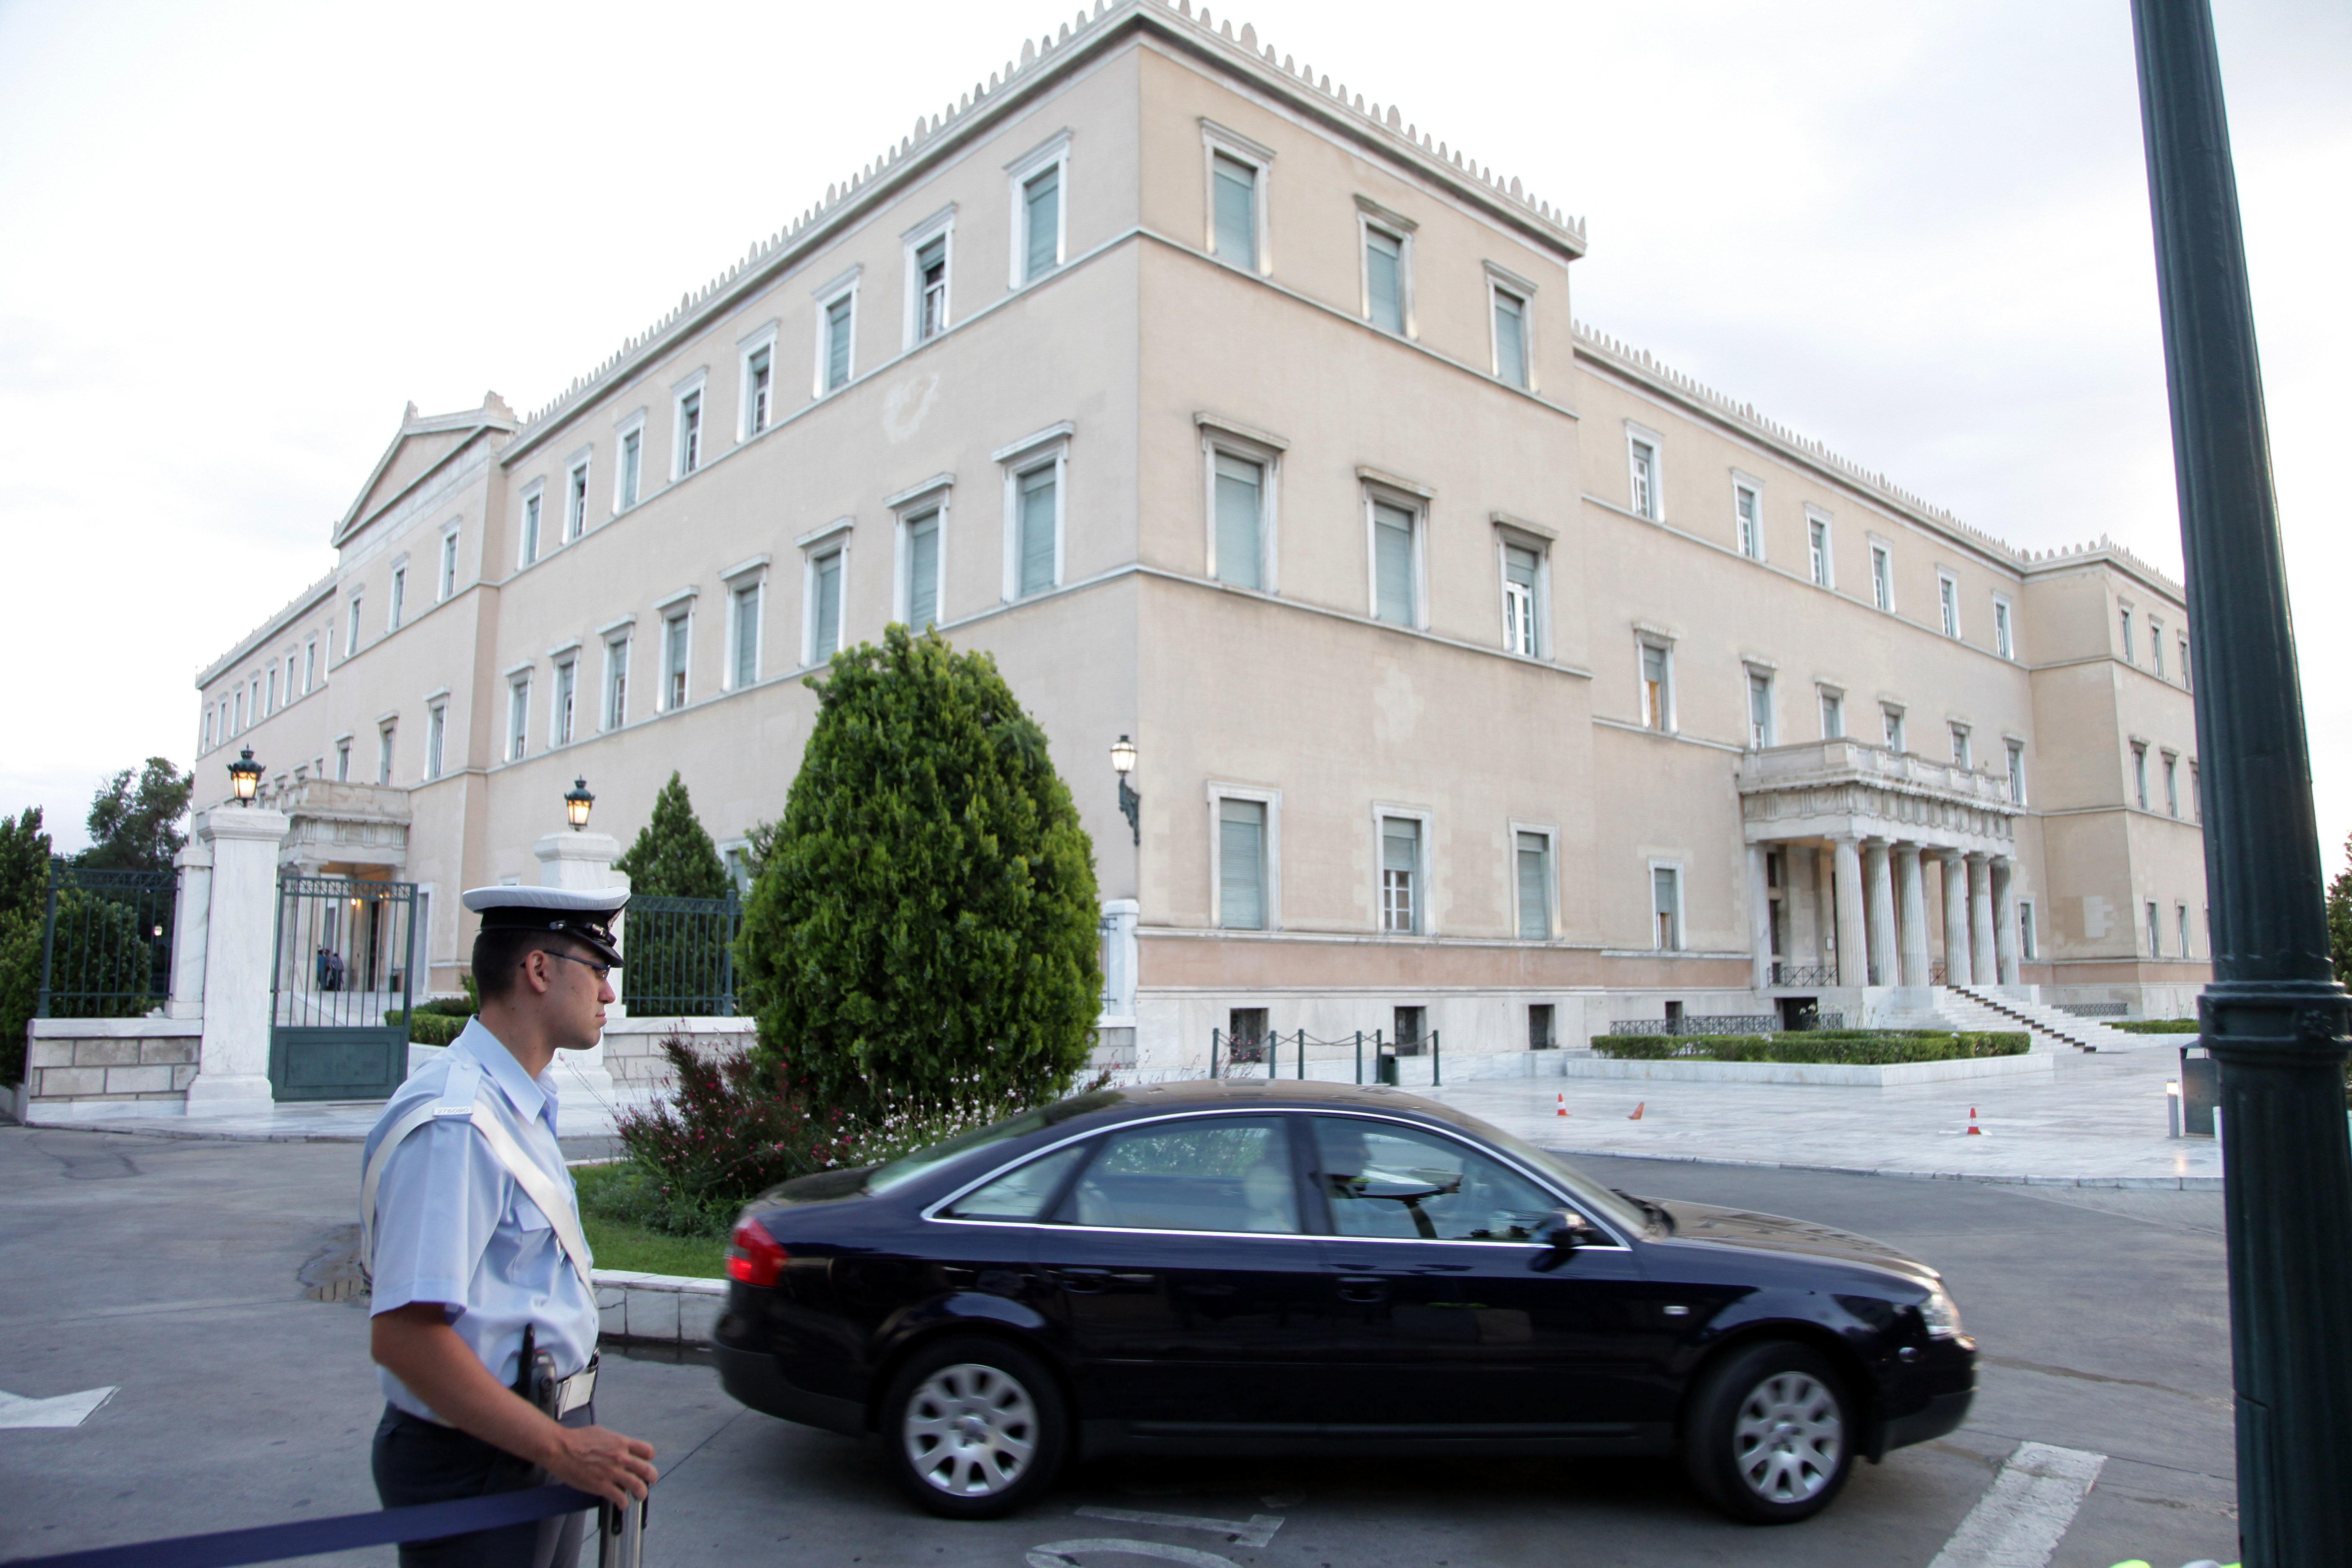 Ακόμα μία σύλληψη… φοροφυγά στη Βουλή